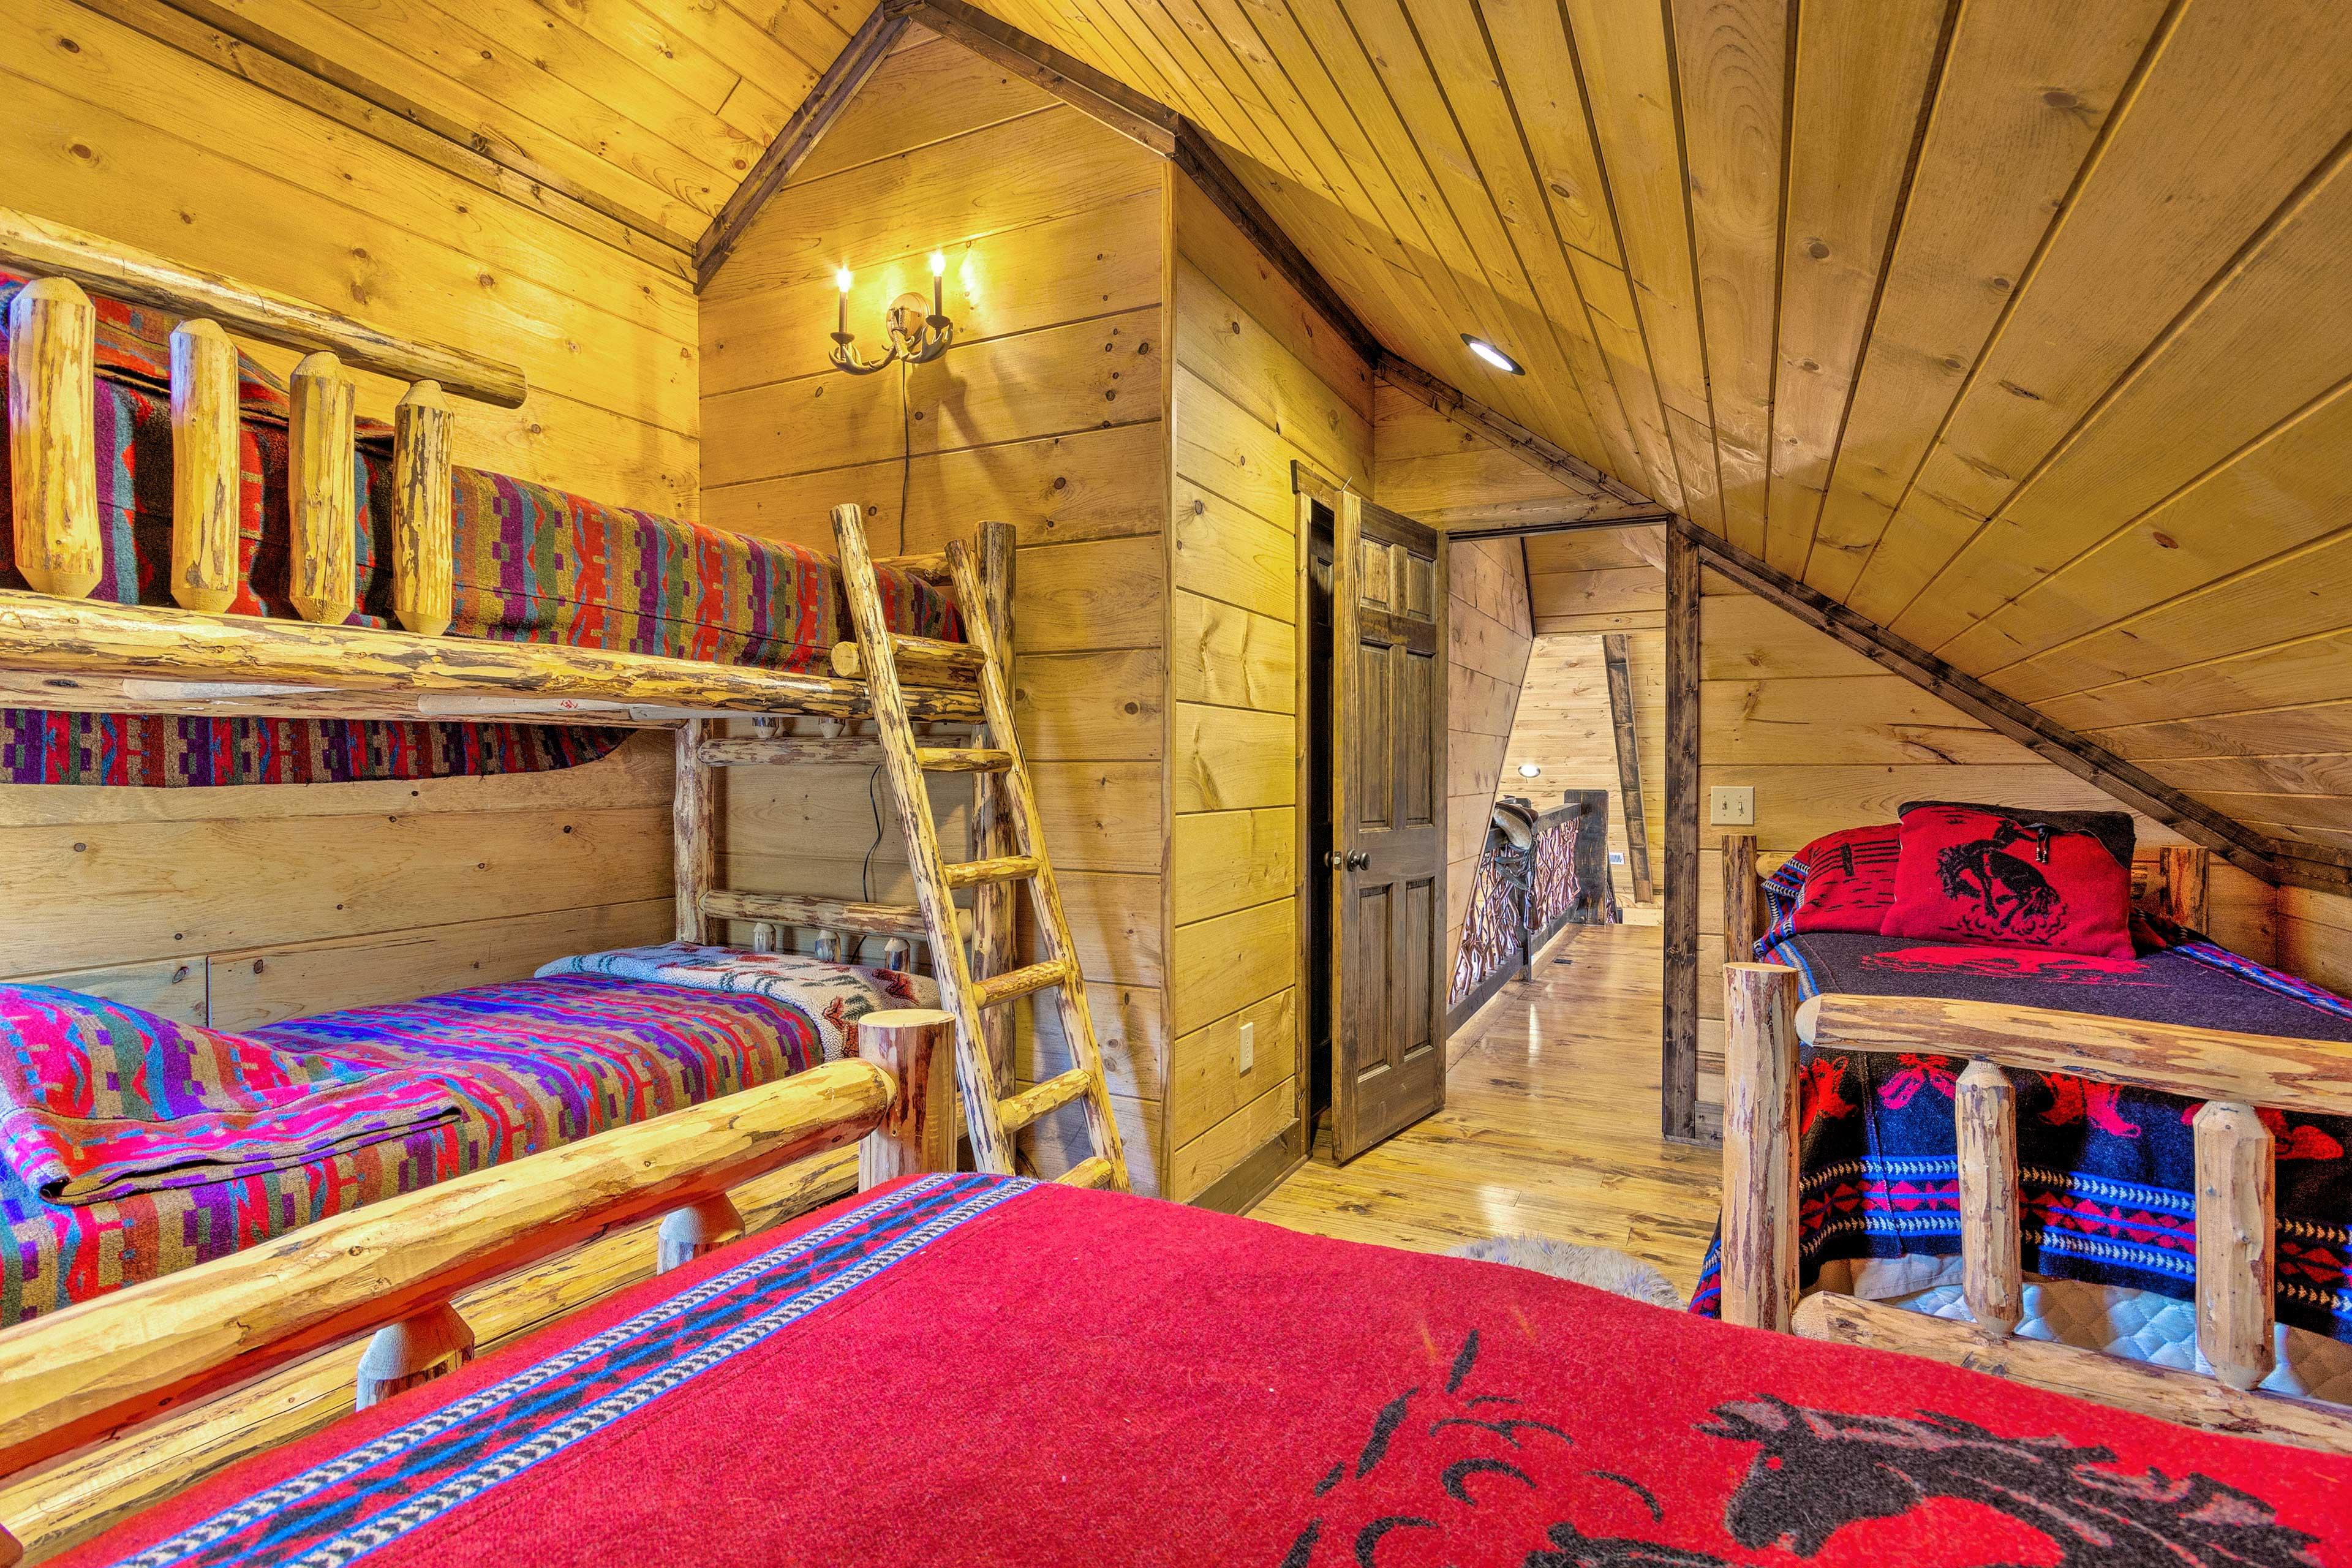 A bunk room calls for a sleepover.